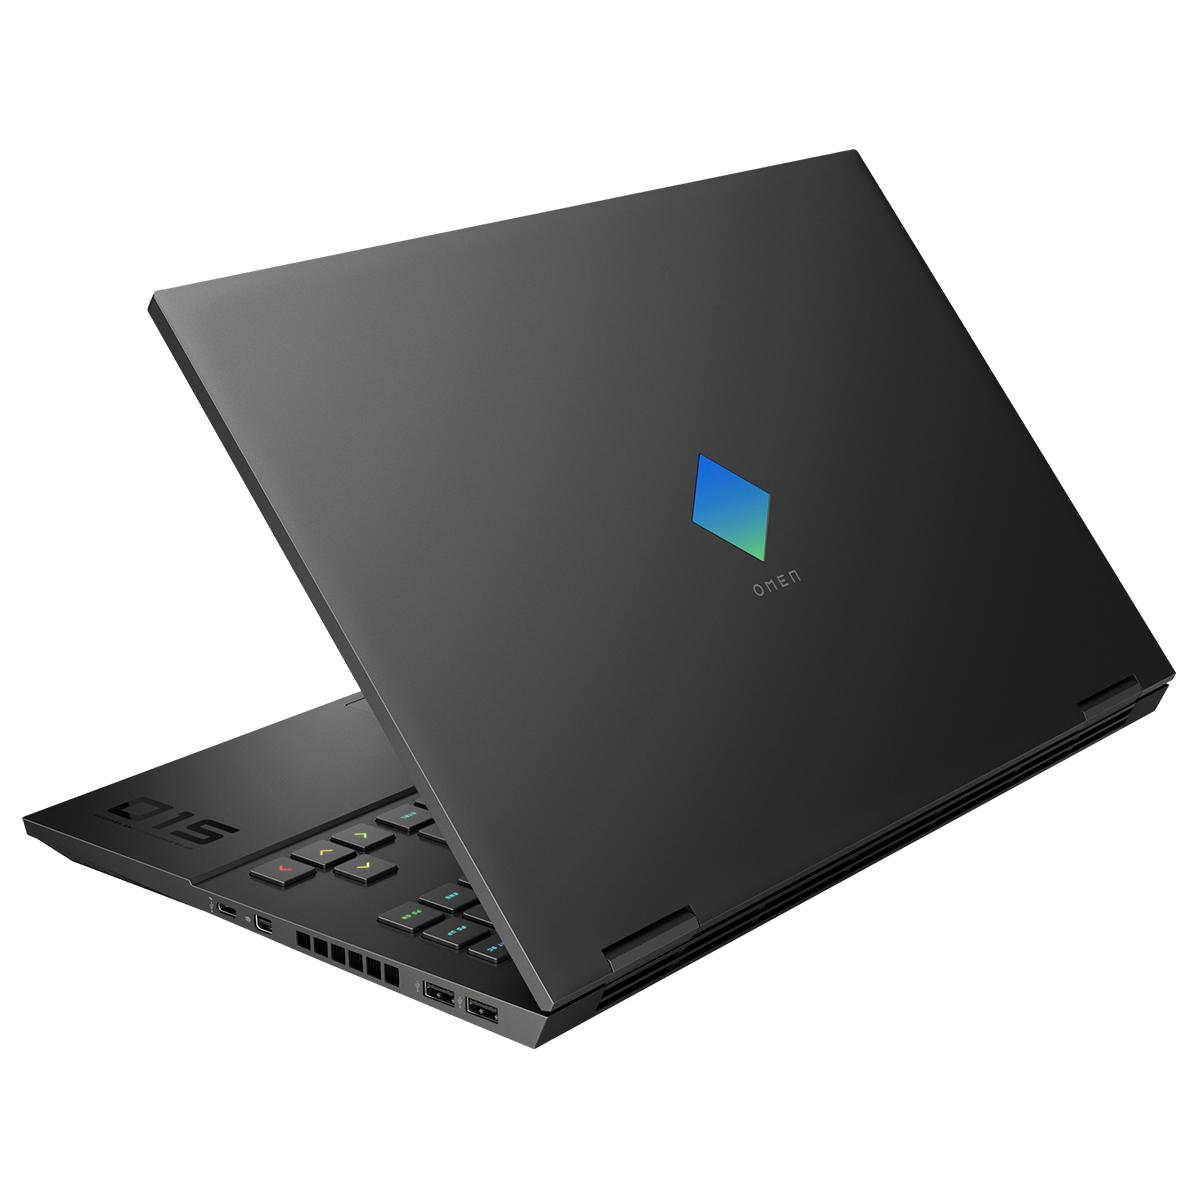 Omen hp laptop